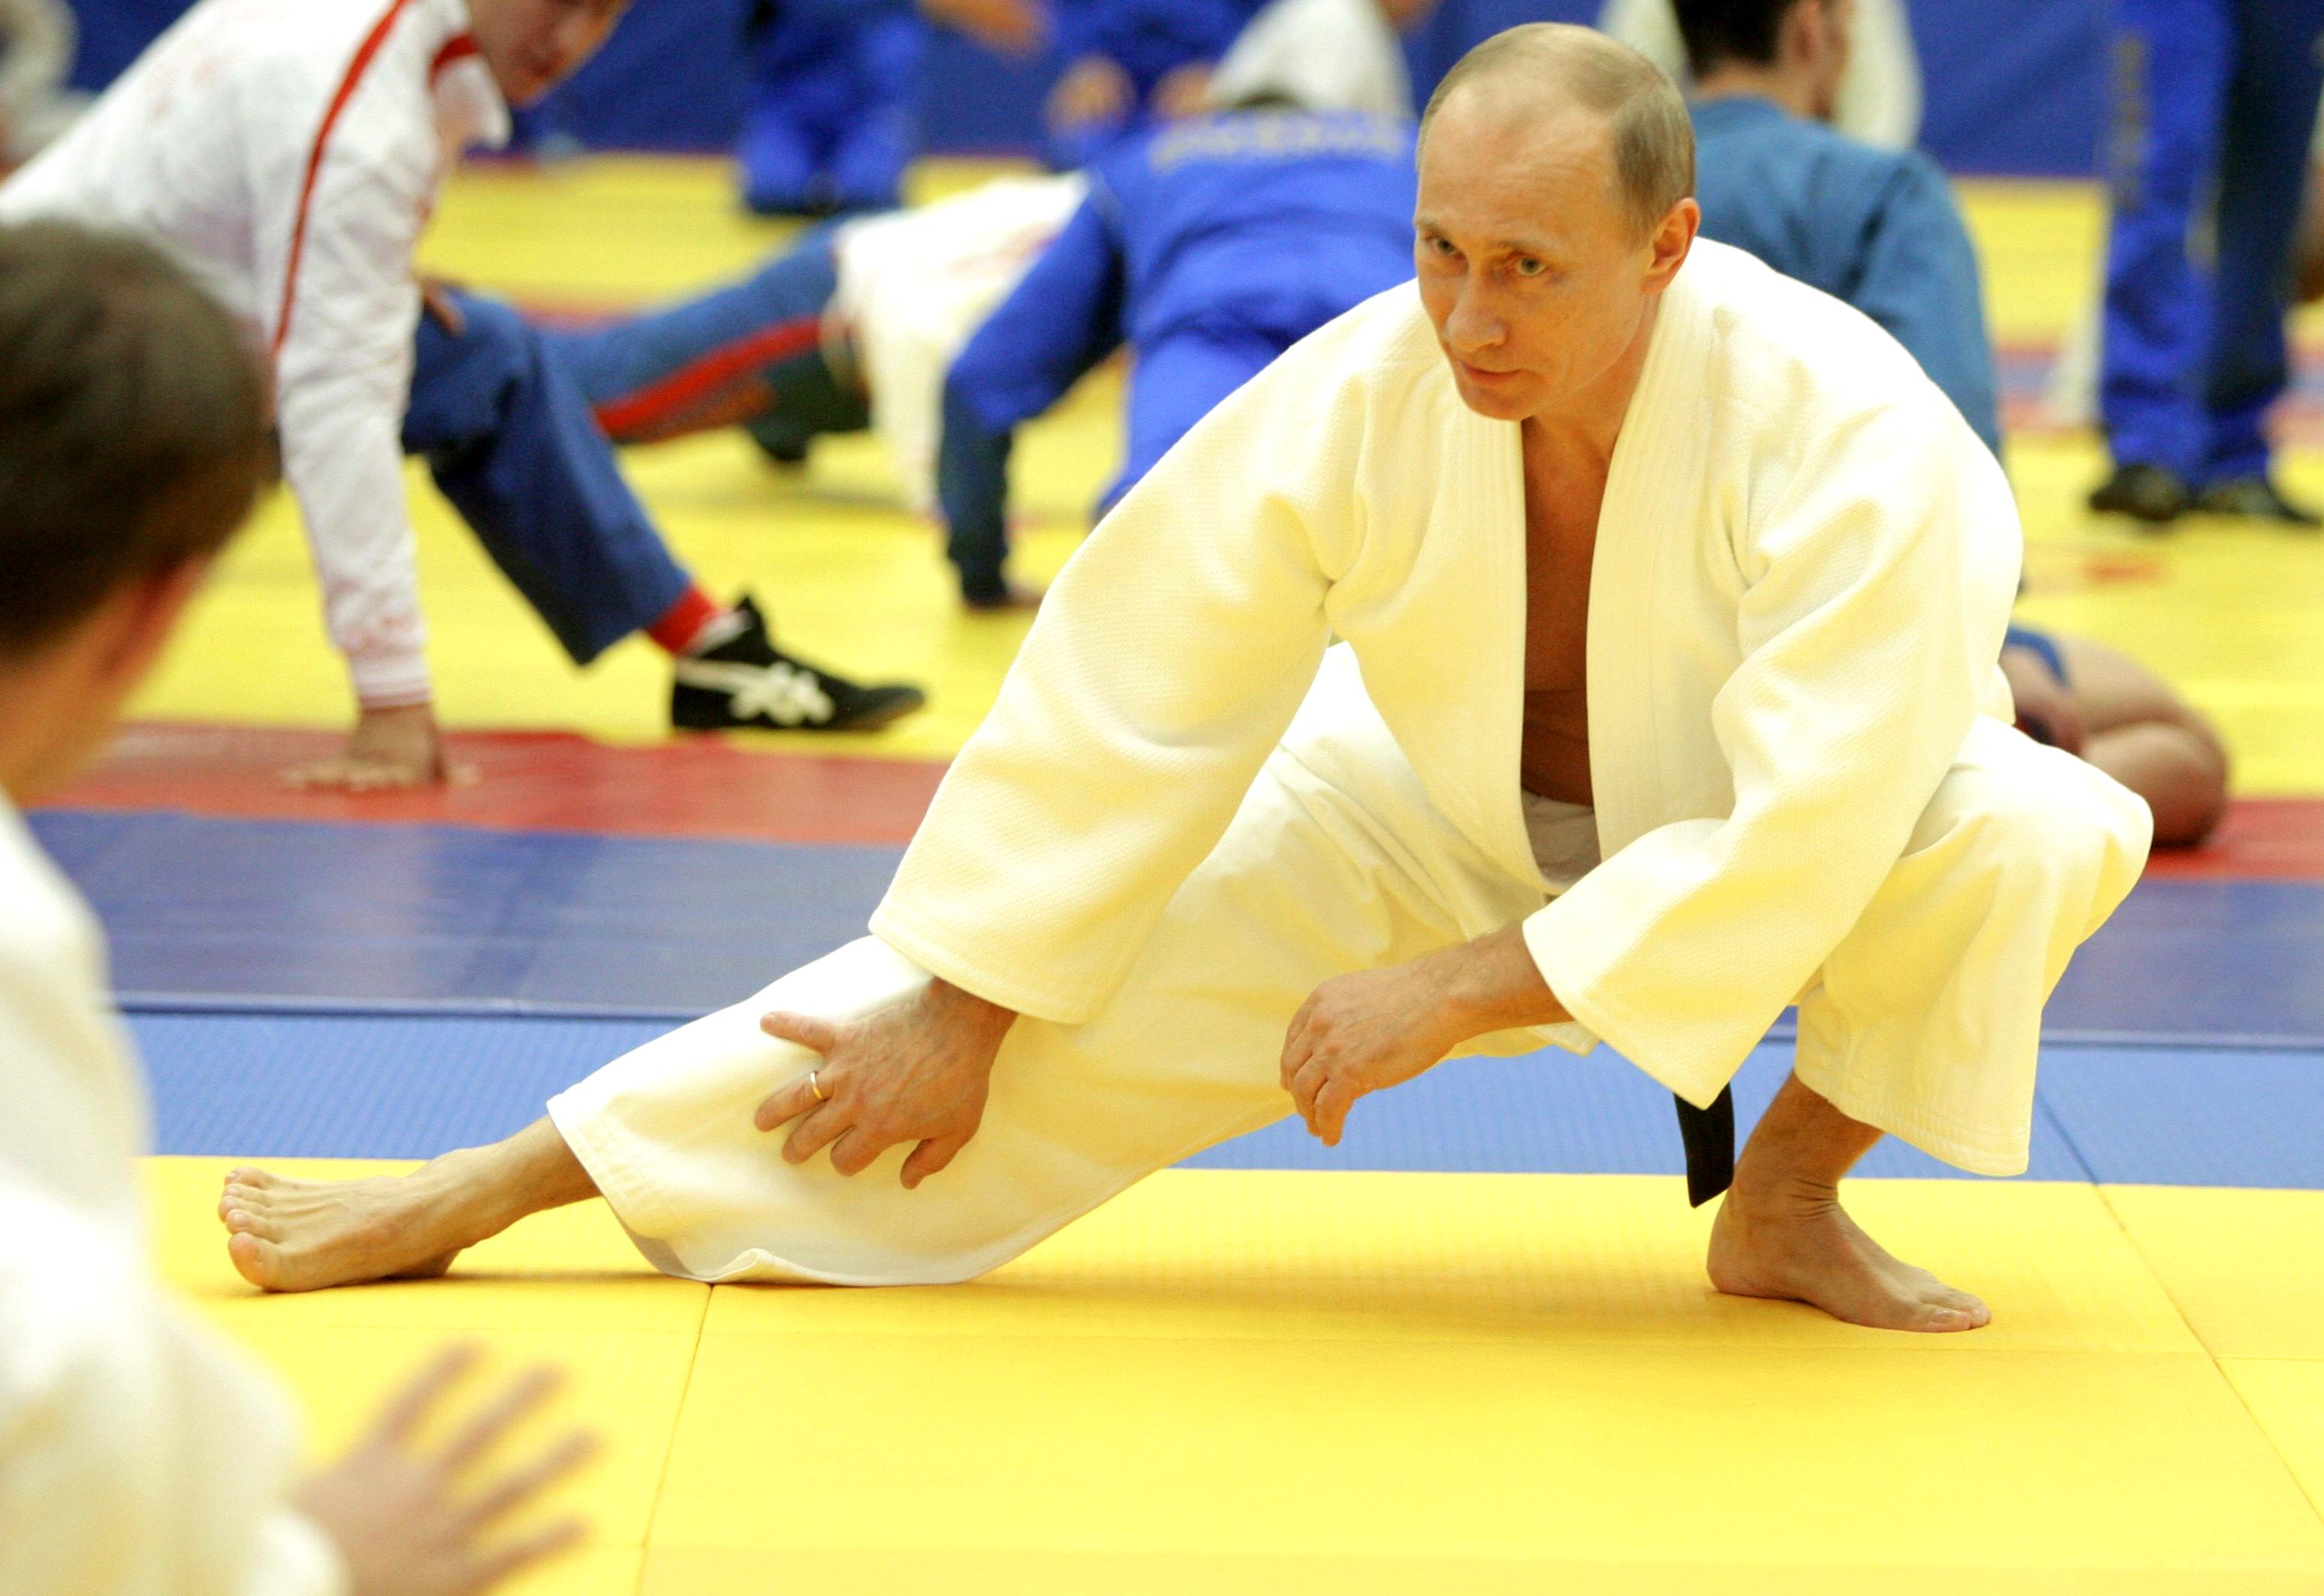 Kết quả hình ảnh cho vladimir putin judo